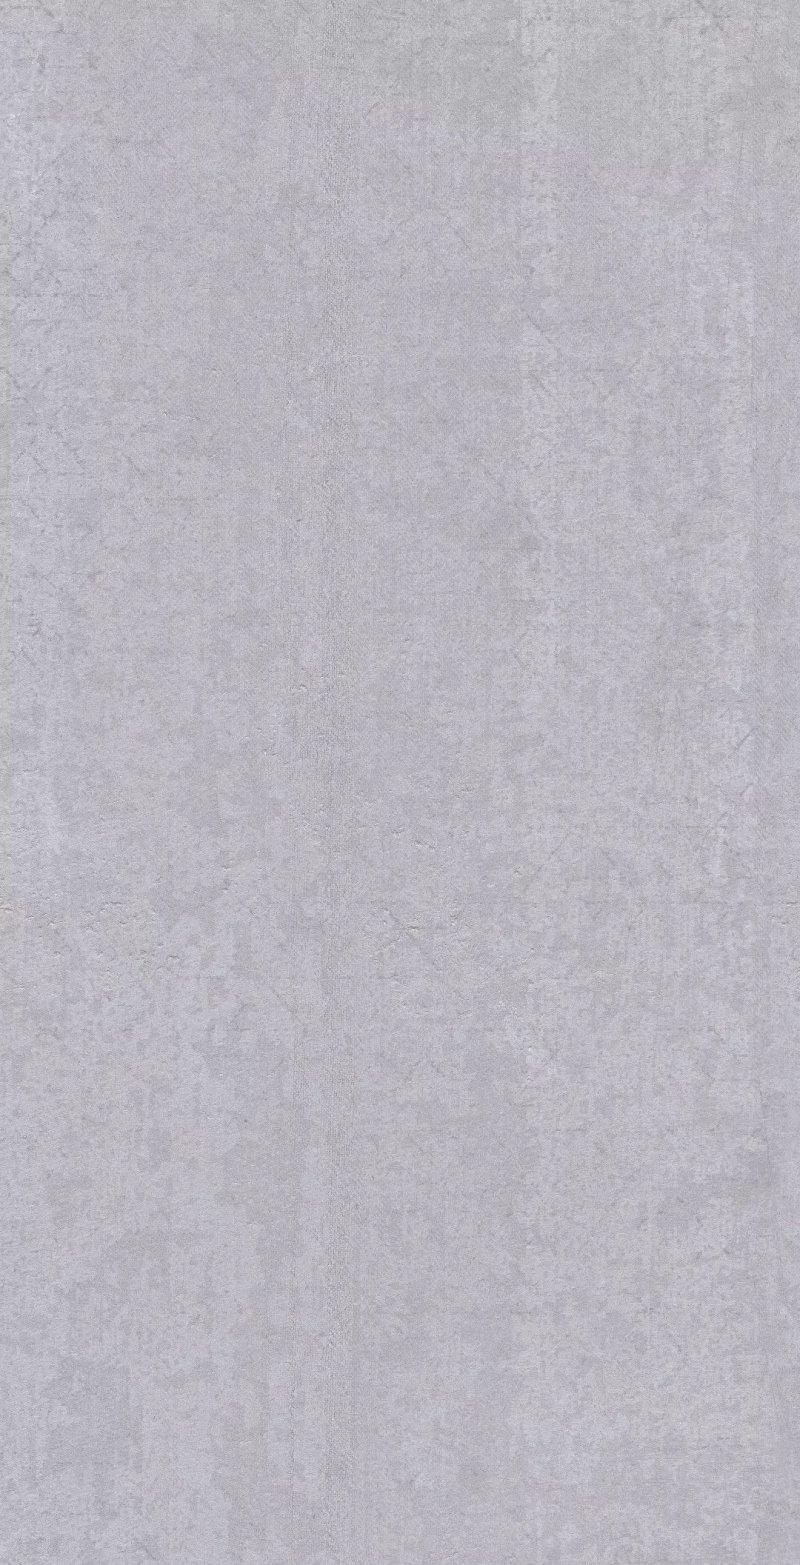 """顺辉瓷砖图片仿古""""星光釉""""系列 现代轻奢风格陶瓷效果图"""